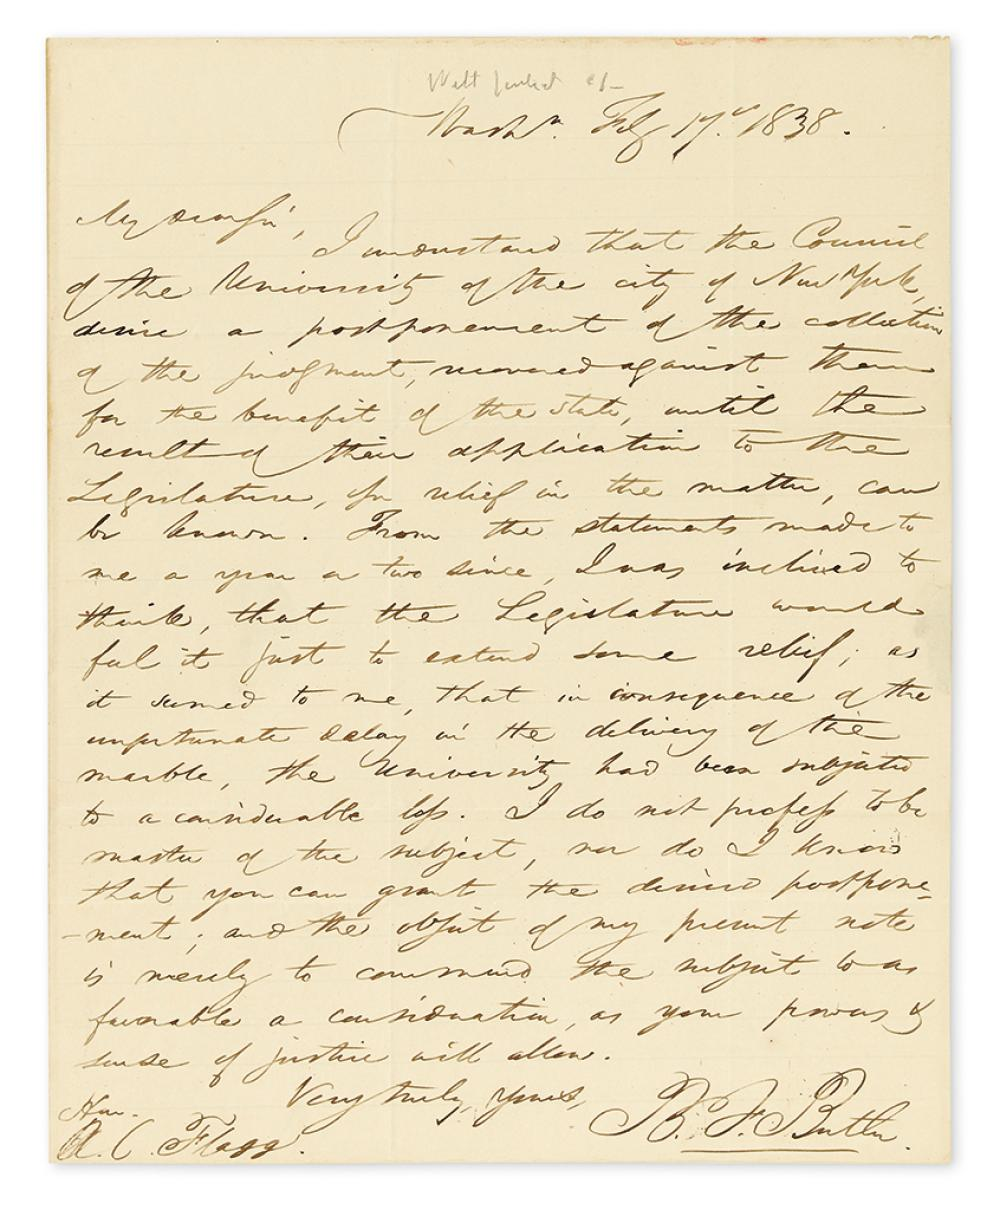 BUTLER, BENJAMIN FRANKLIN. Autograph Letter Signed,